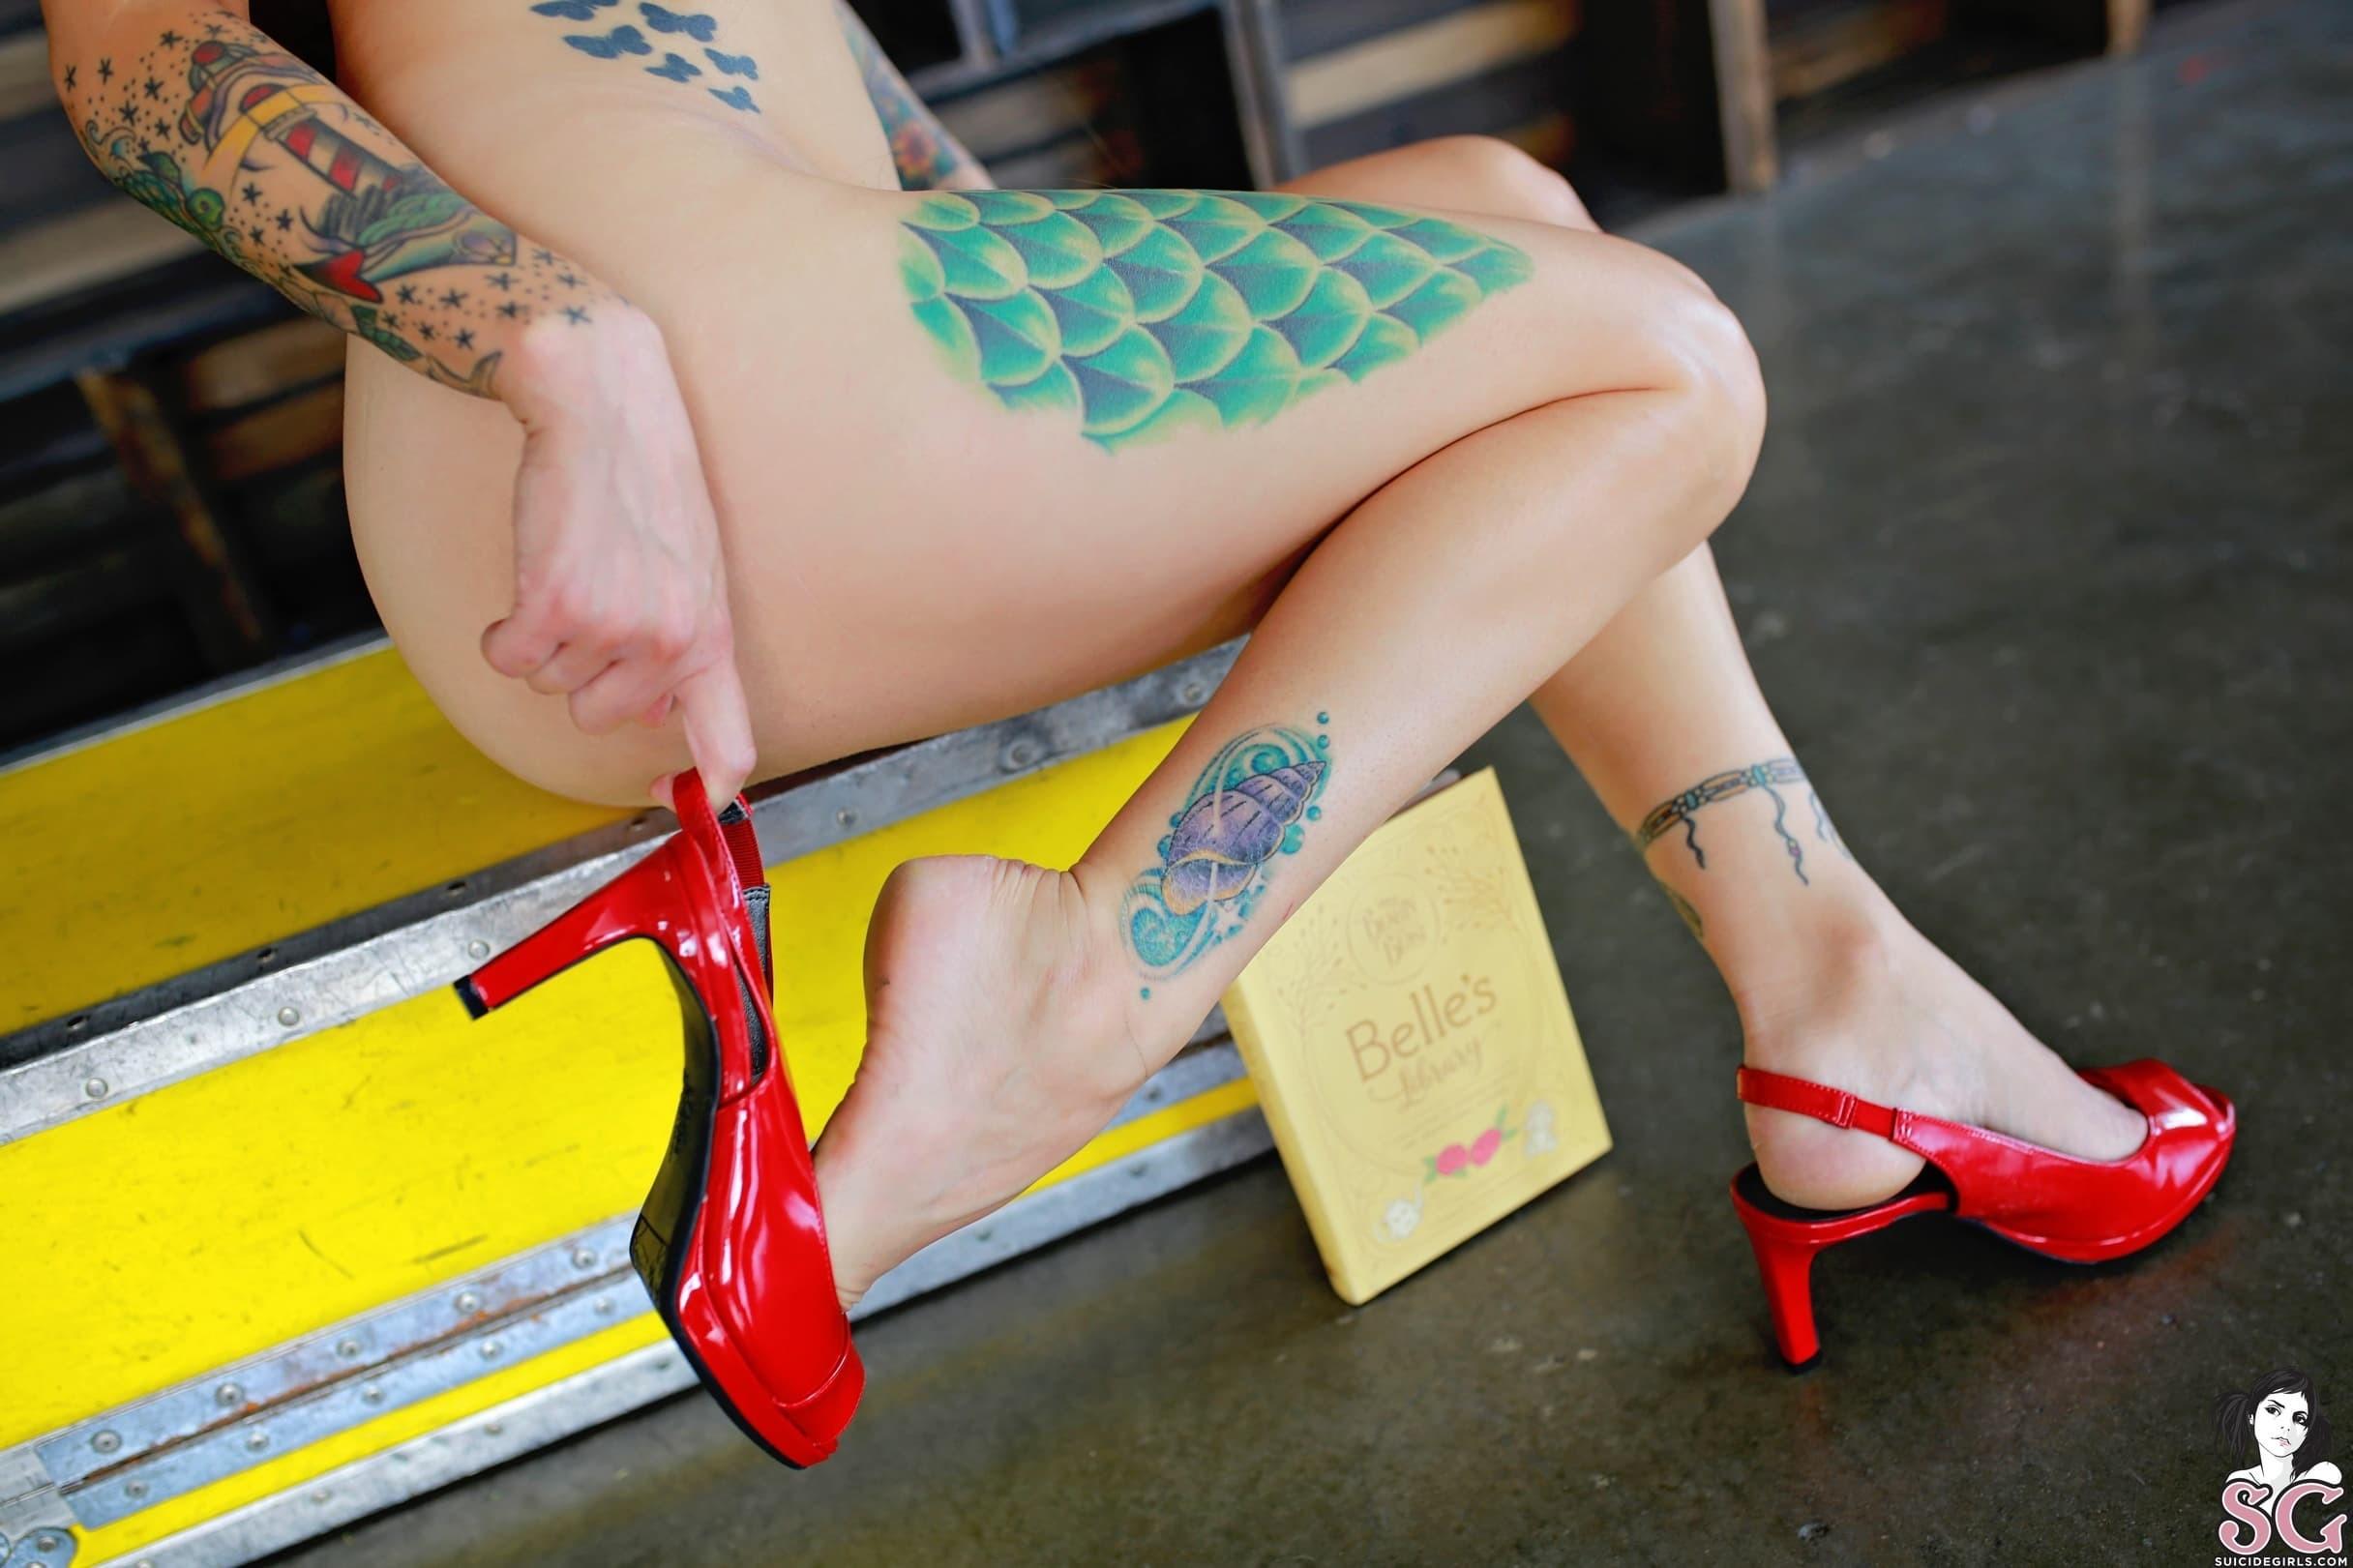 Милая голая девушка в туфлях с большими сосками  - фото